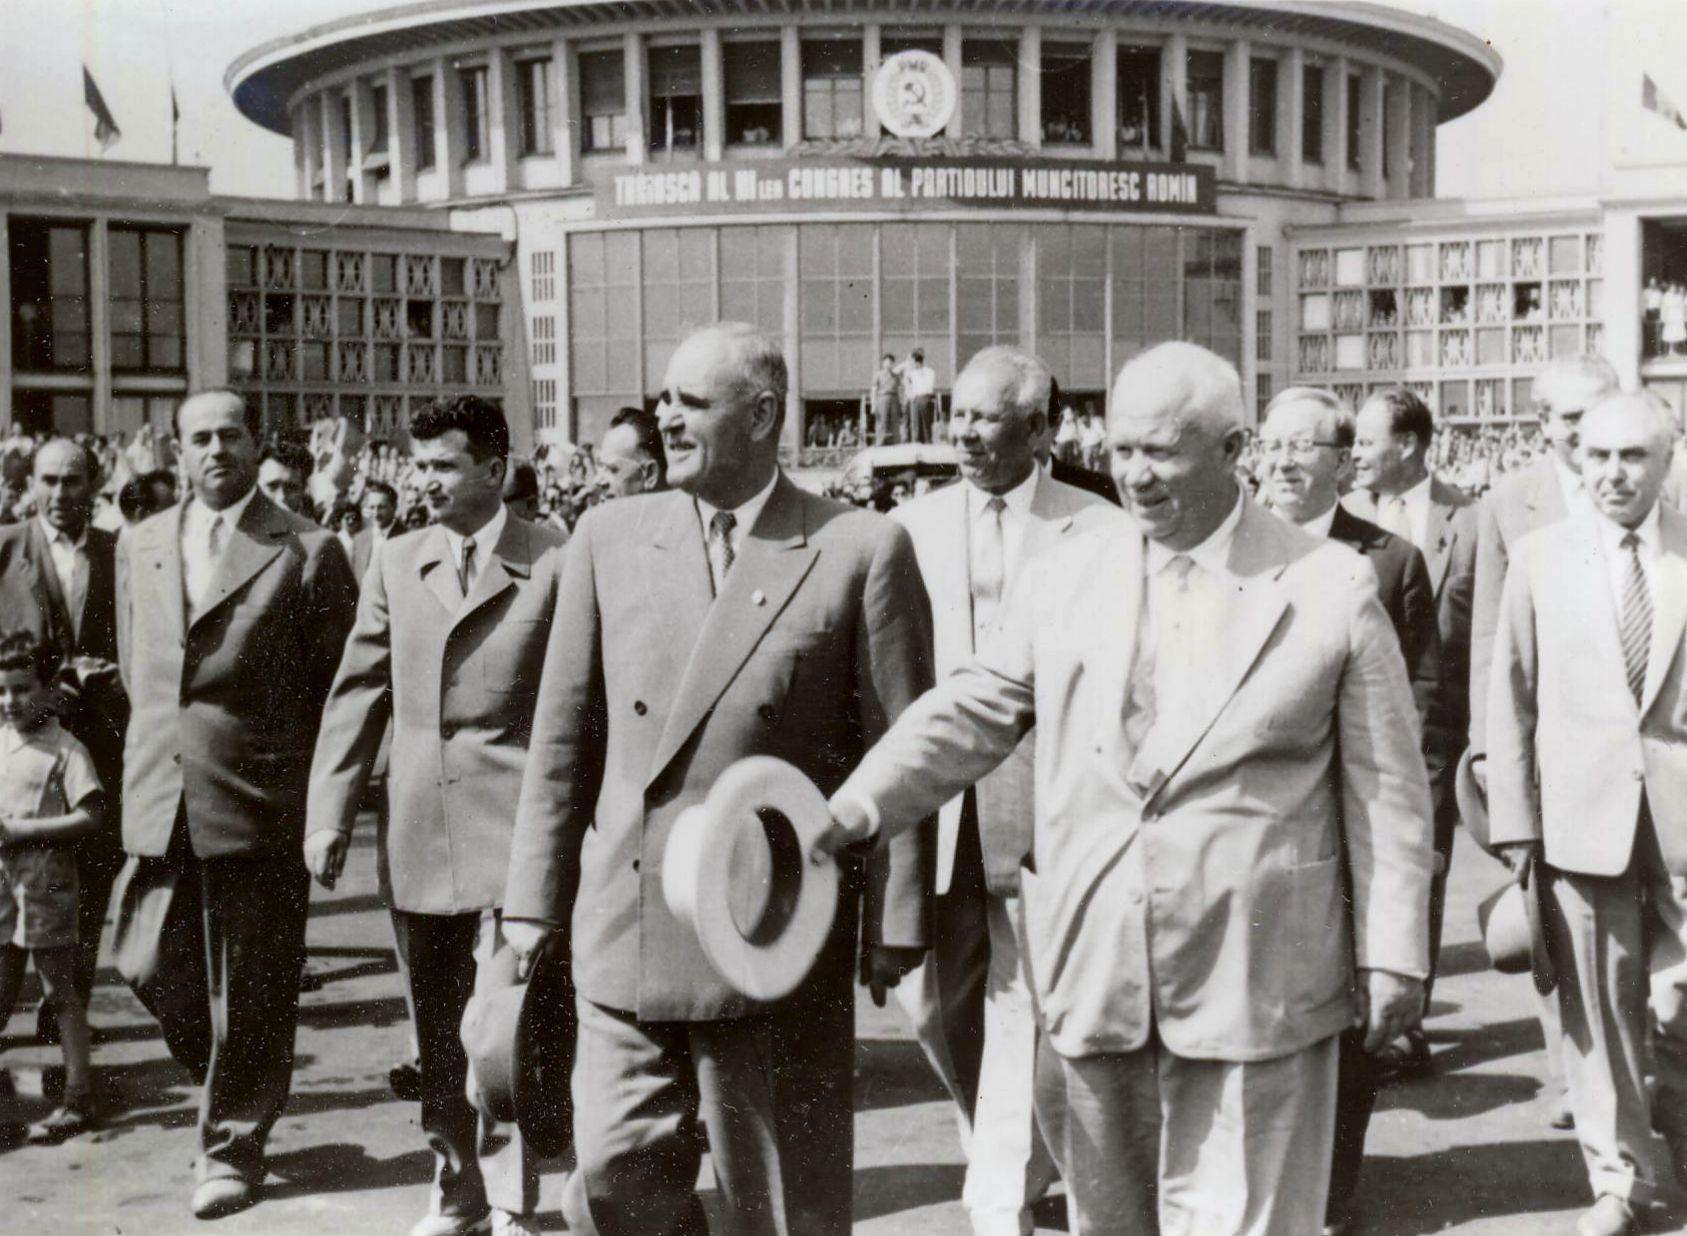 1960 - Nicolae Ceauşescu lângă Gheorghe Gheorghiu Dej la primirea liderului sovietic Nikita Hruşciov la Bucureşti Fototeca online a comunismului românesc